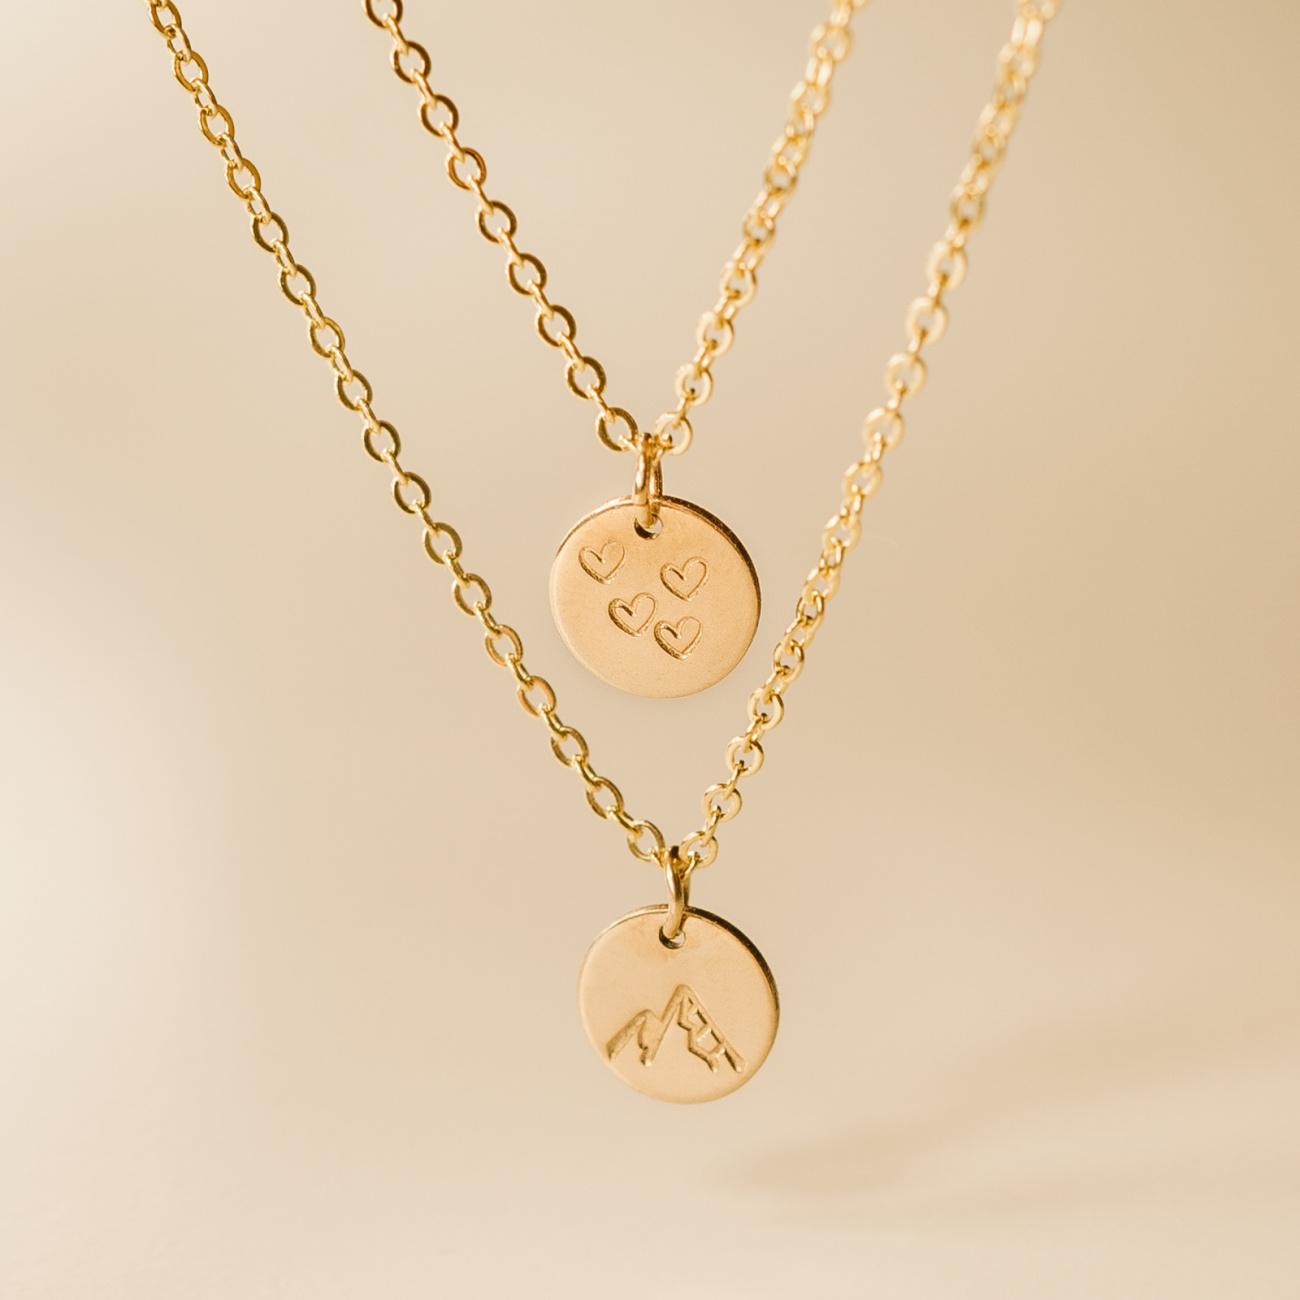 Dvojitý náhrdelník s ražbou symbolů dvojity